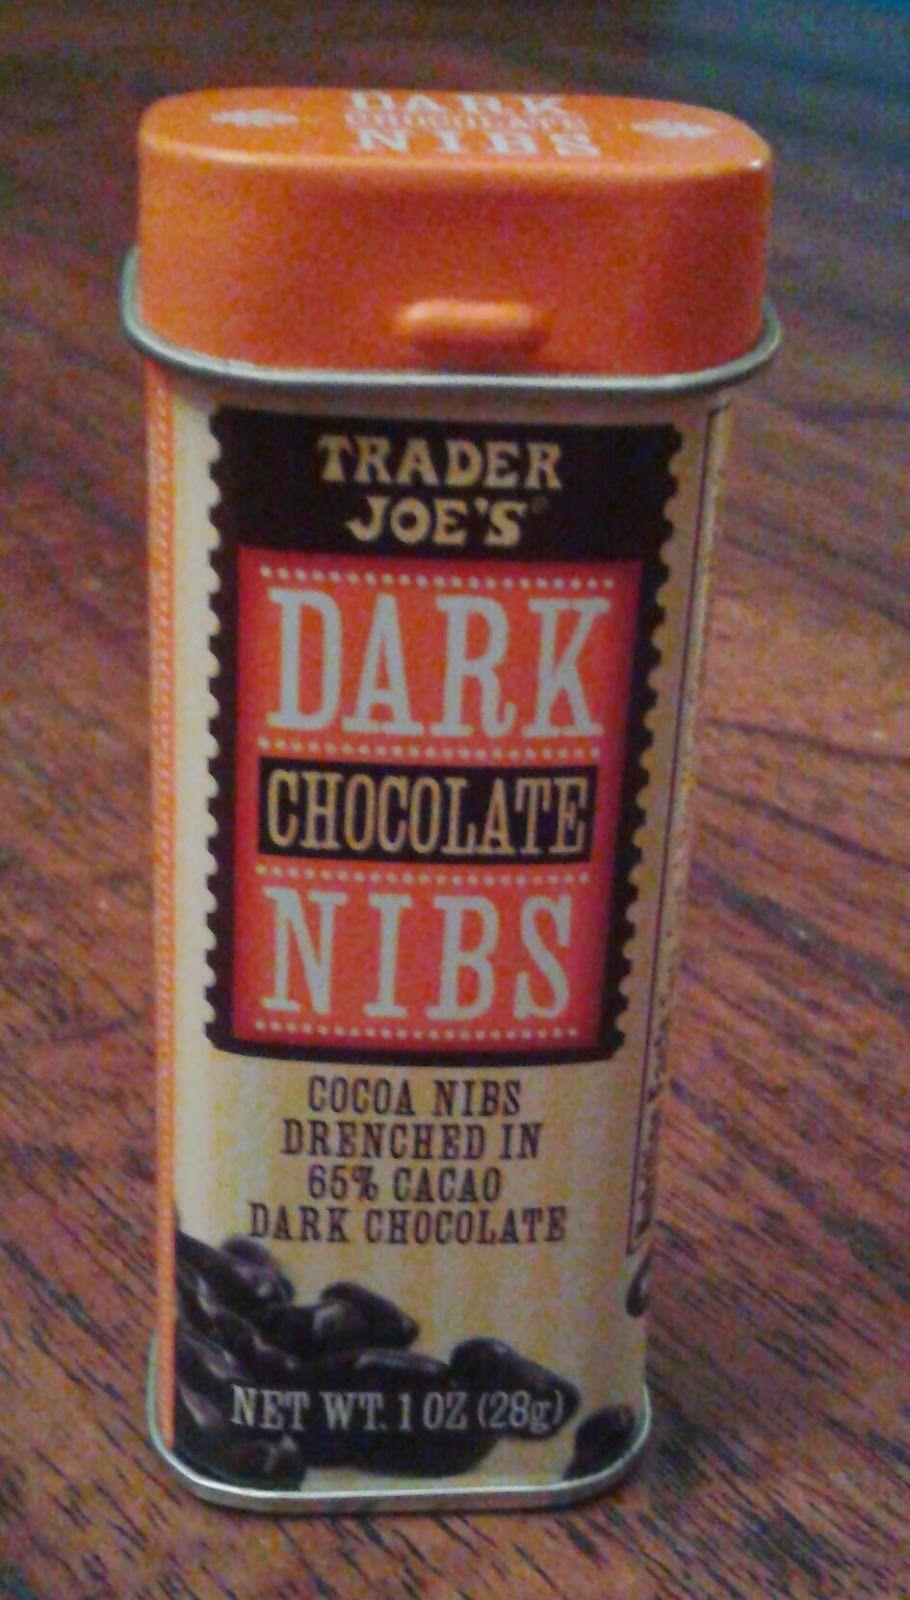 What S Good At Trader Joe S Trader Joe S Dark Chocolate Nibs Trader Joes Trader Joe S Products Dark Chocolate